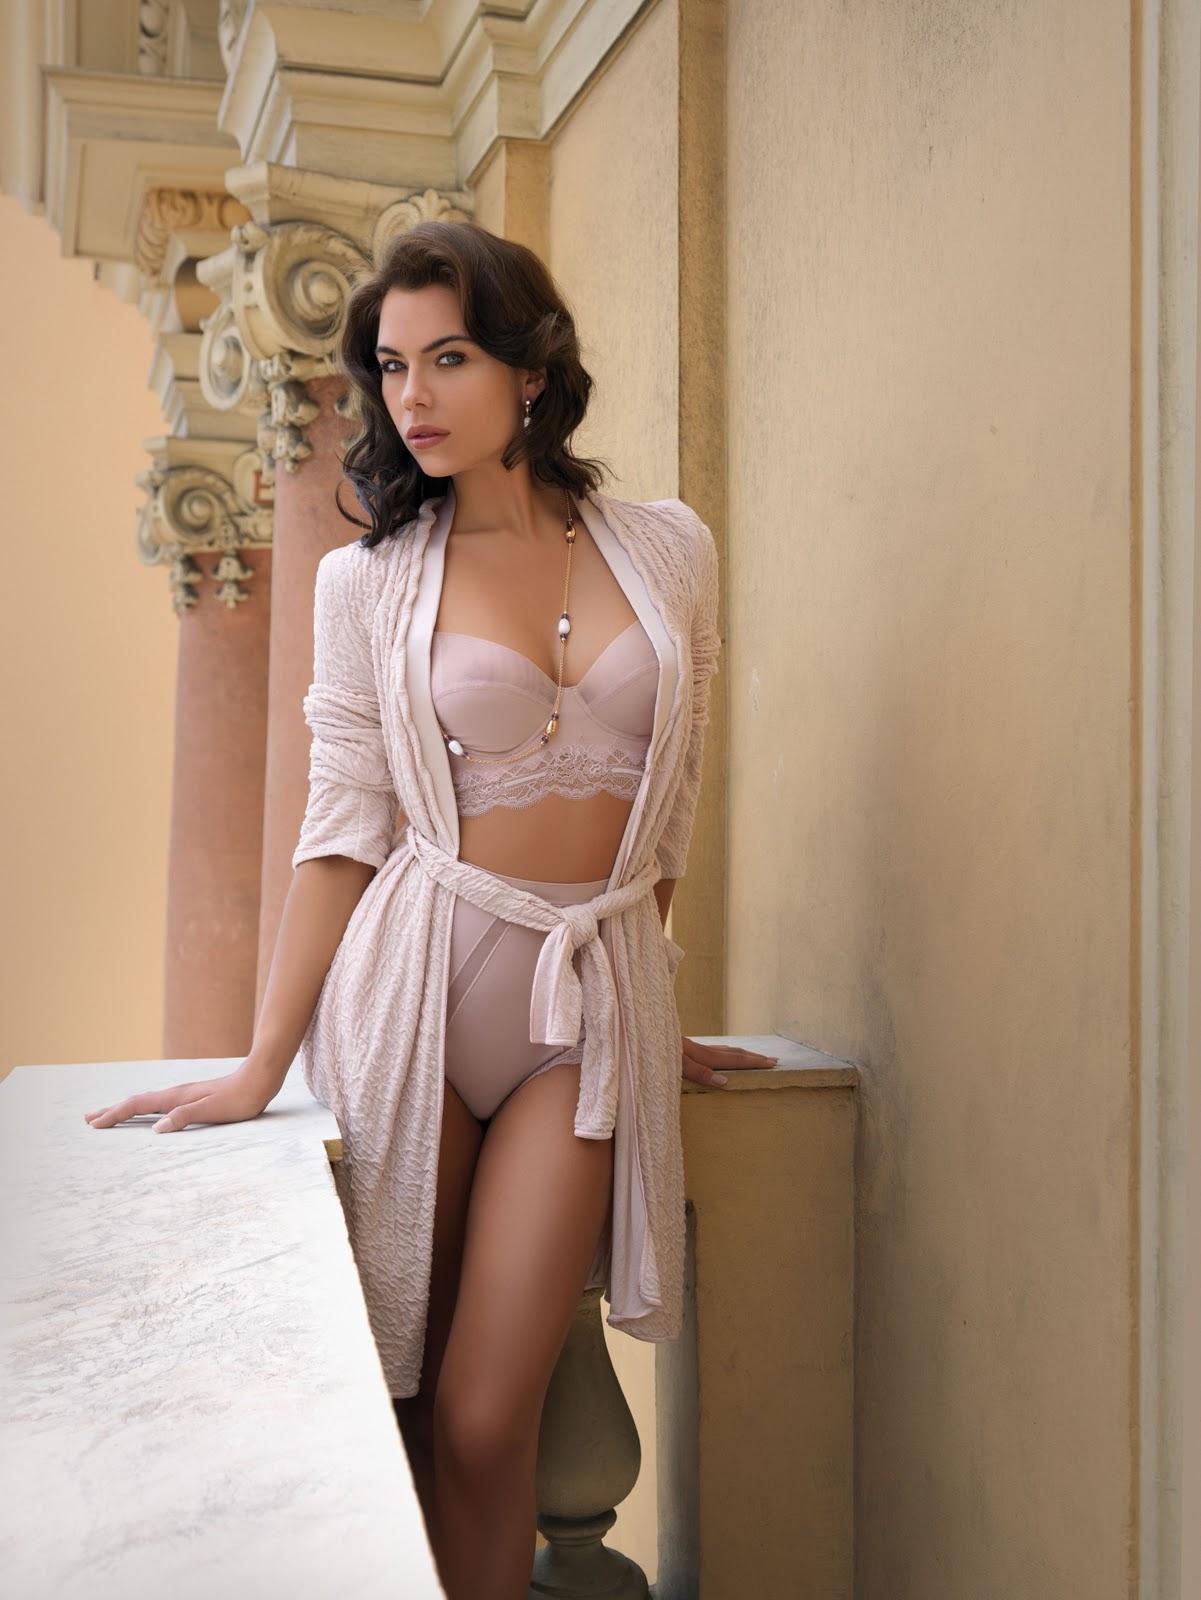 naked lingerie models in bed